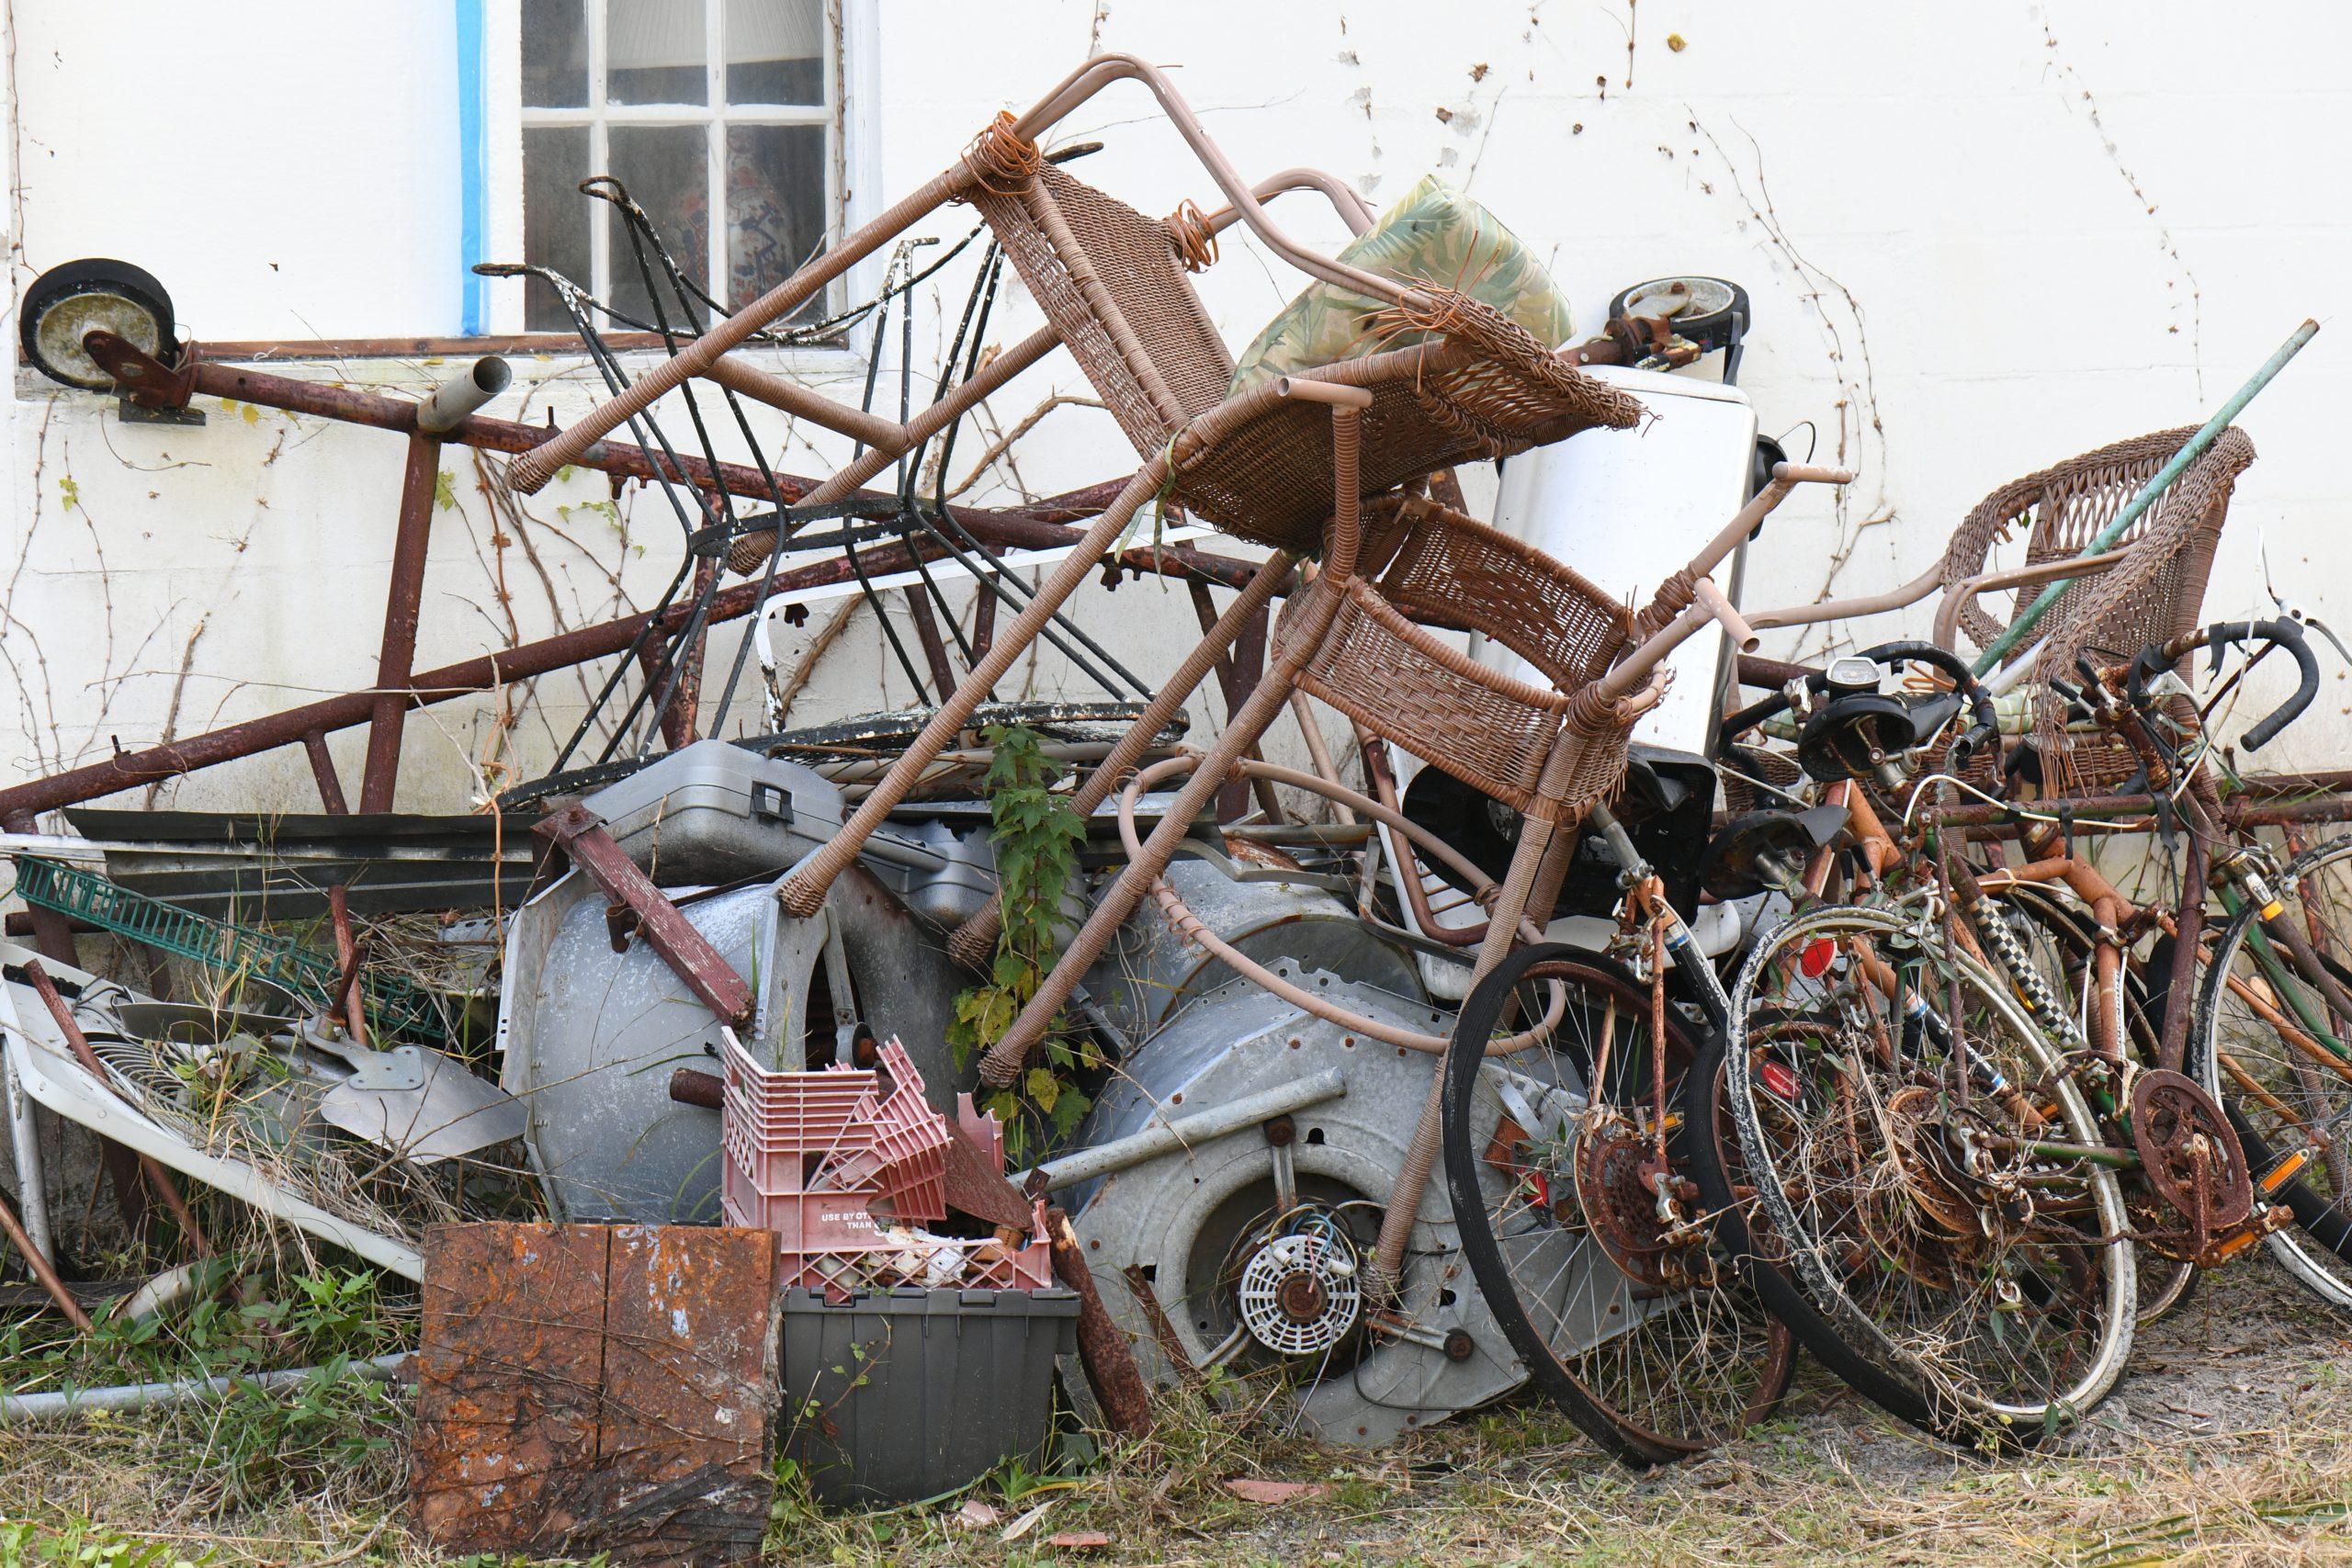 Vélo sportif oui. Vélo polluant non.